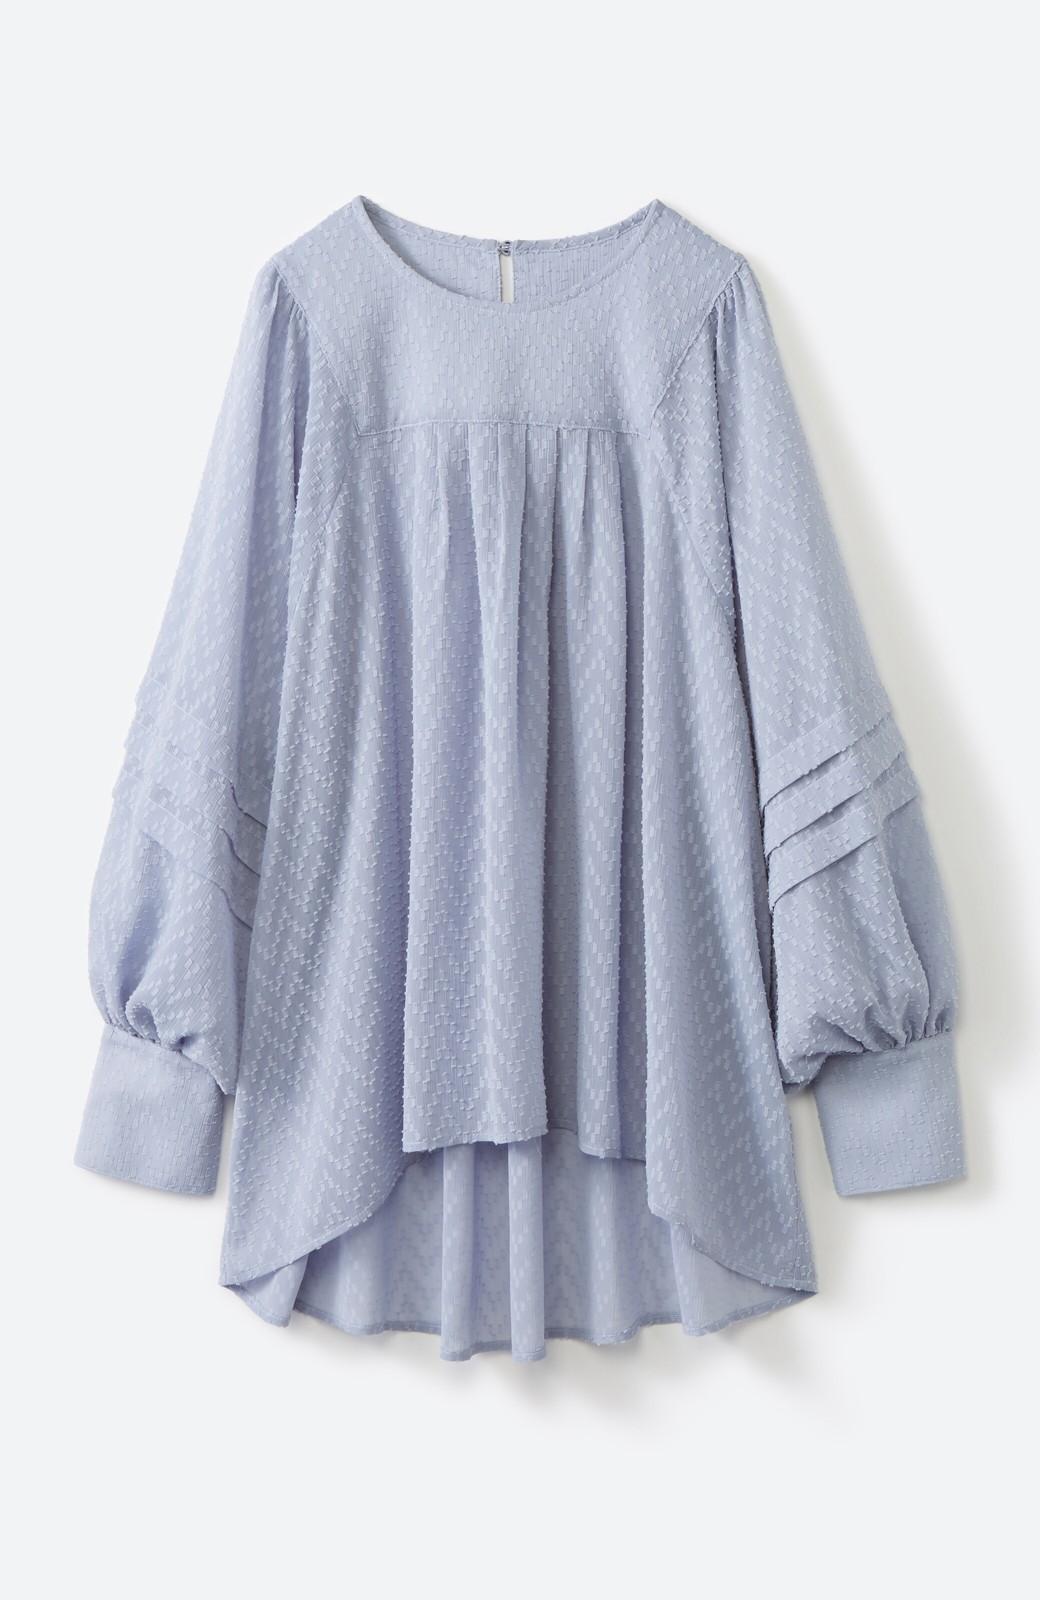 haco! 気になるところは可愛げで隠そう!ほどよい透け感で普段に着やすいドビードットの女っぽブラウス <ライトブルー>の商品写真2